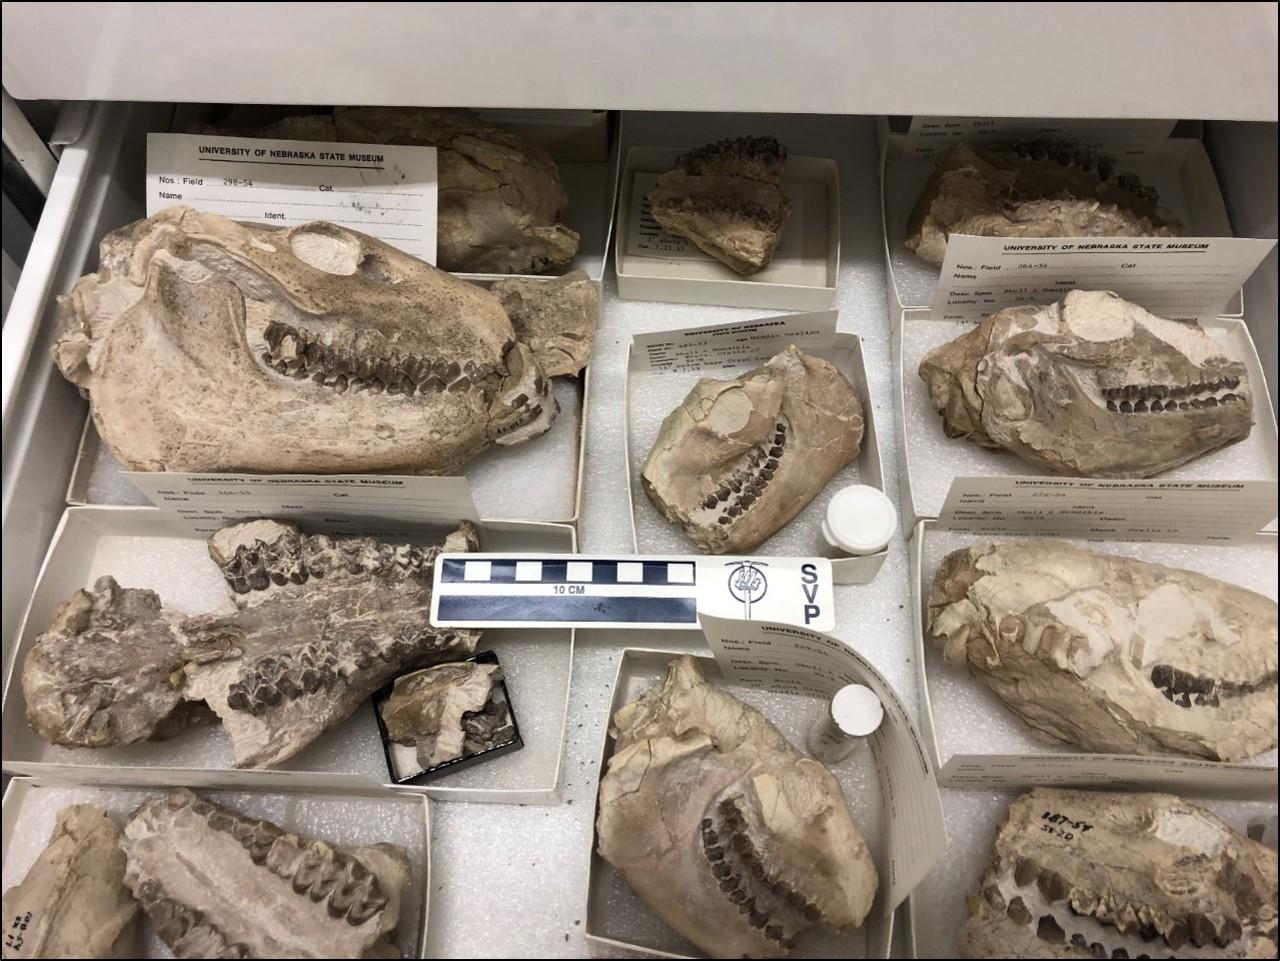 Prepared specimens